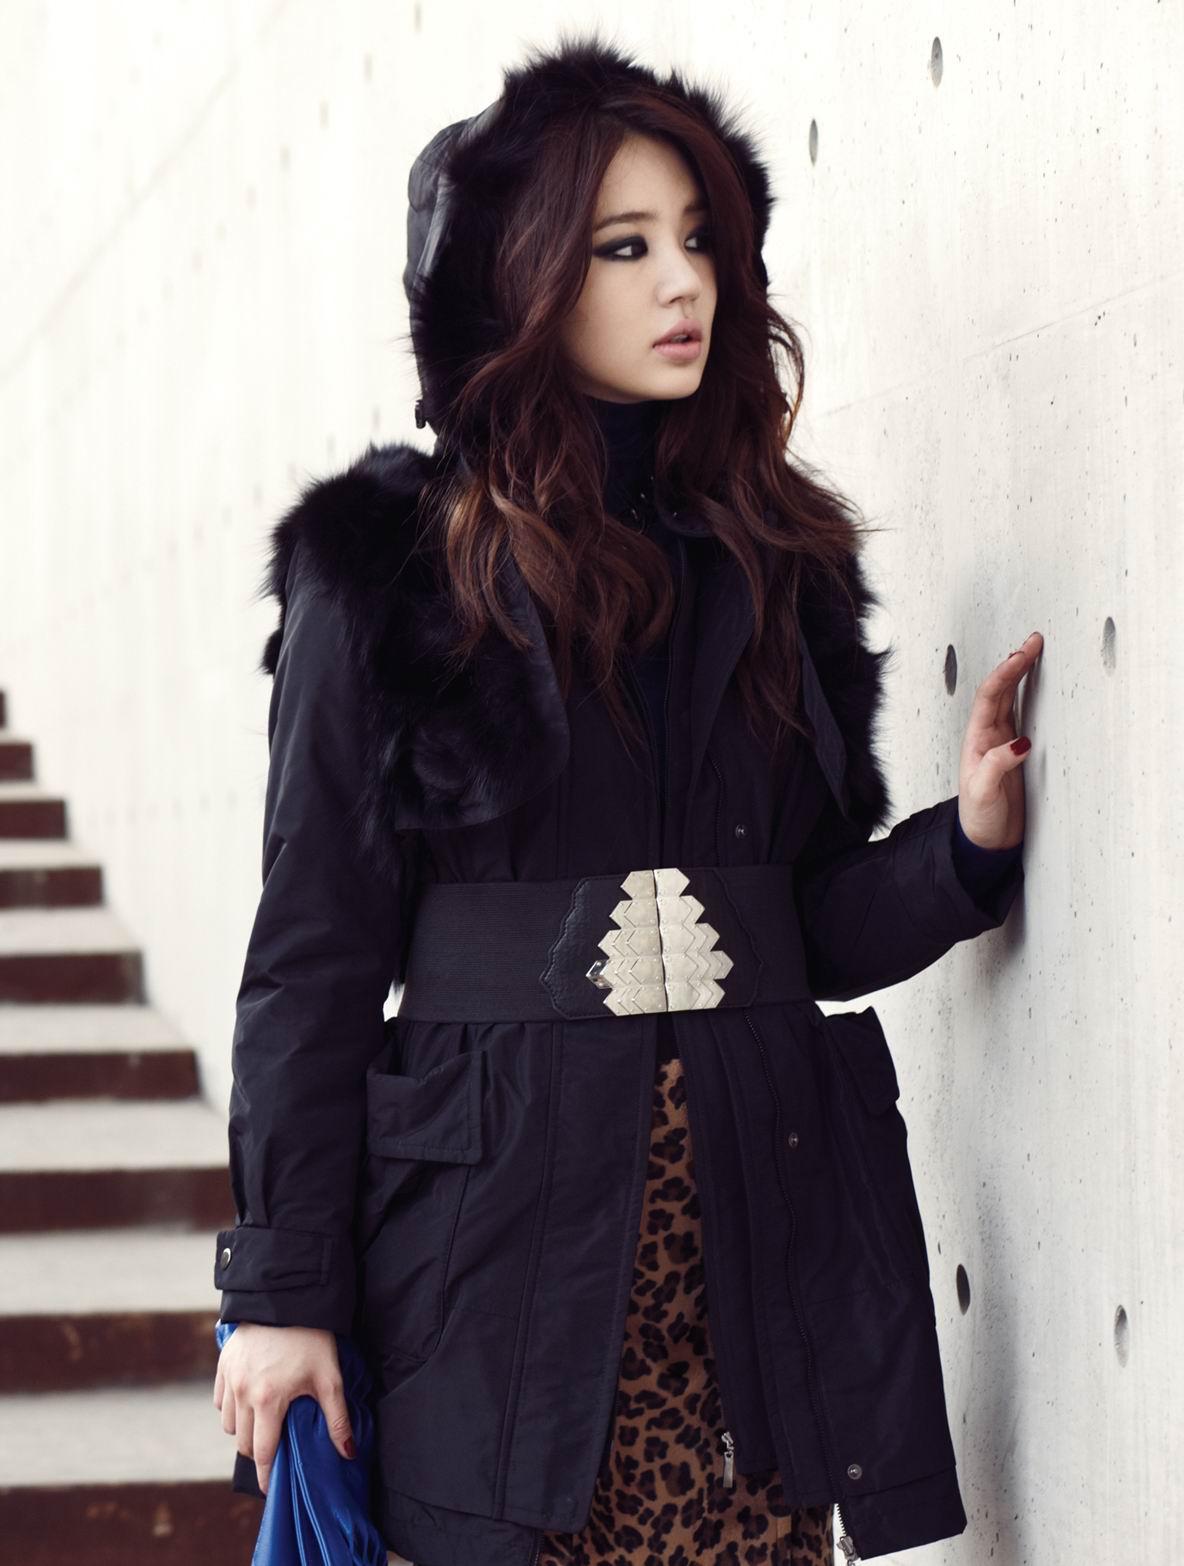 http://4.bp.blogspot.com/_csAyGOQxFJQ/TM5bmzUvkHI/AAAAAAAALZs/rRUSOO3ovFE/s1600/cutekimchi.com_YoonEunHye-1-05.jpg